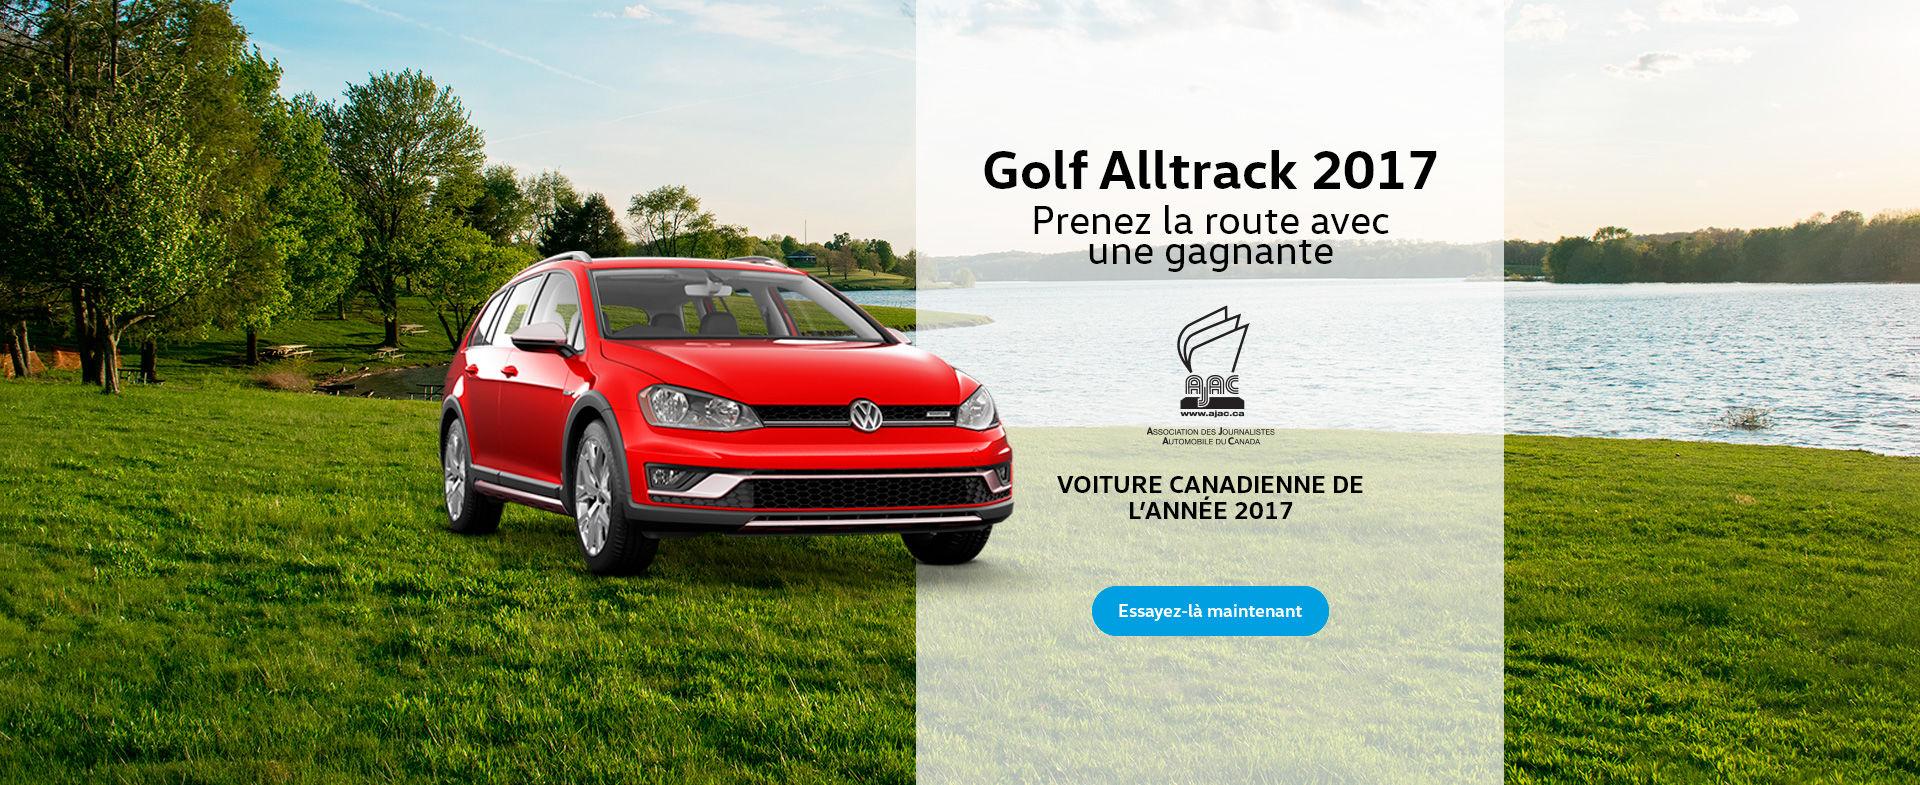 Golf Alltrack 2017